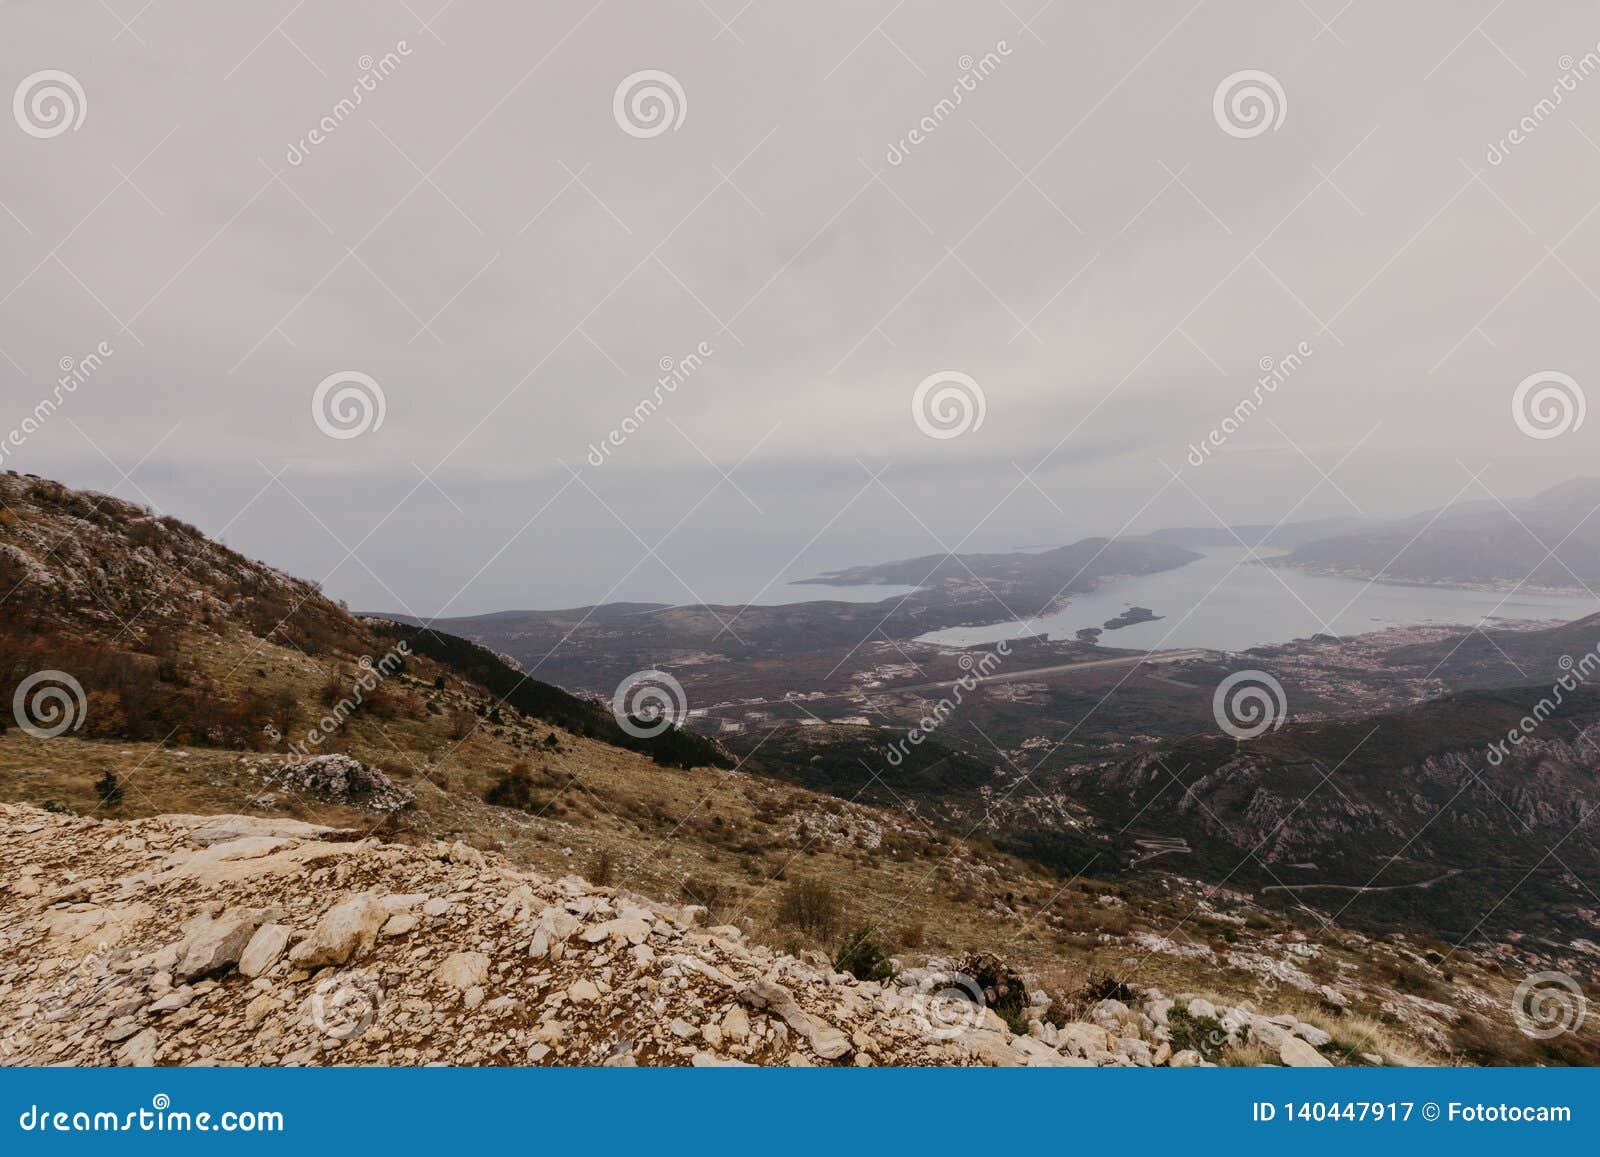 Κόλπος Kotor από τα ύψη Άποψη από το υποστήριγμα Lovcen στον κόλπο Άποψη κάτω από την πλατφόρμα παρατήρησης στο βουνό Lovcen